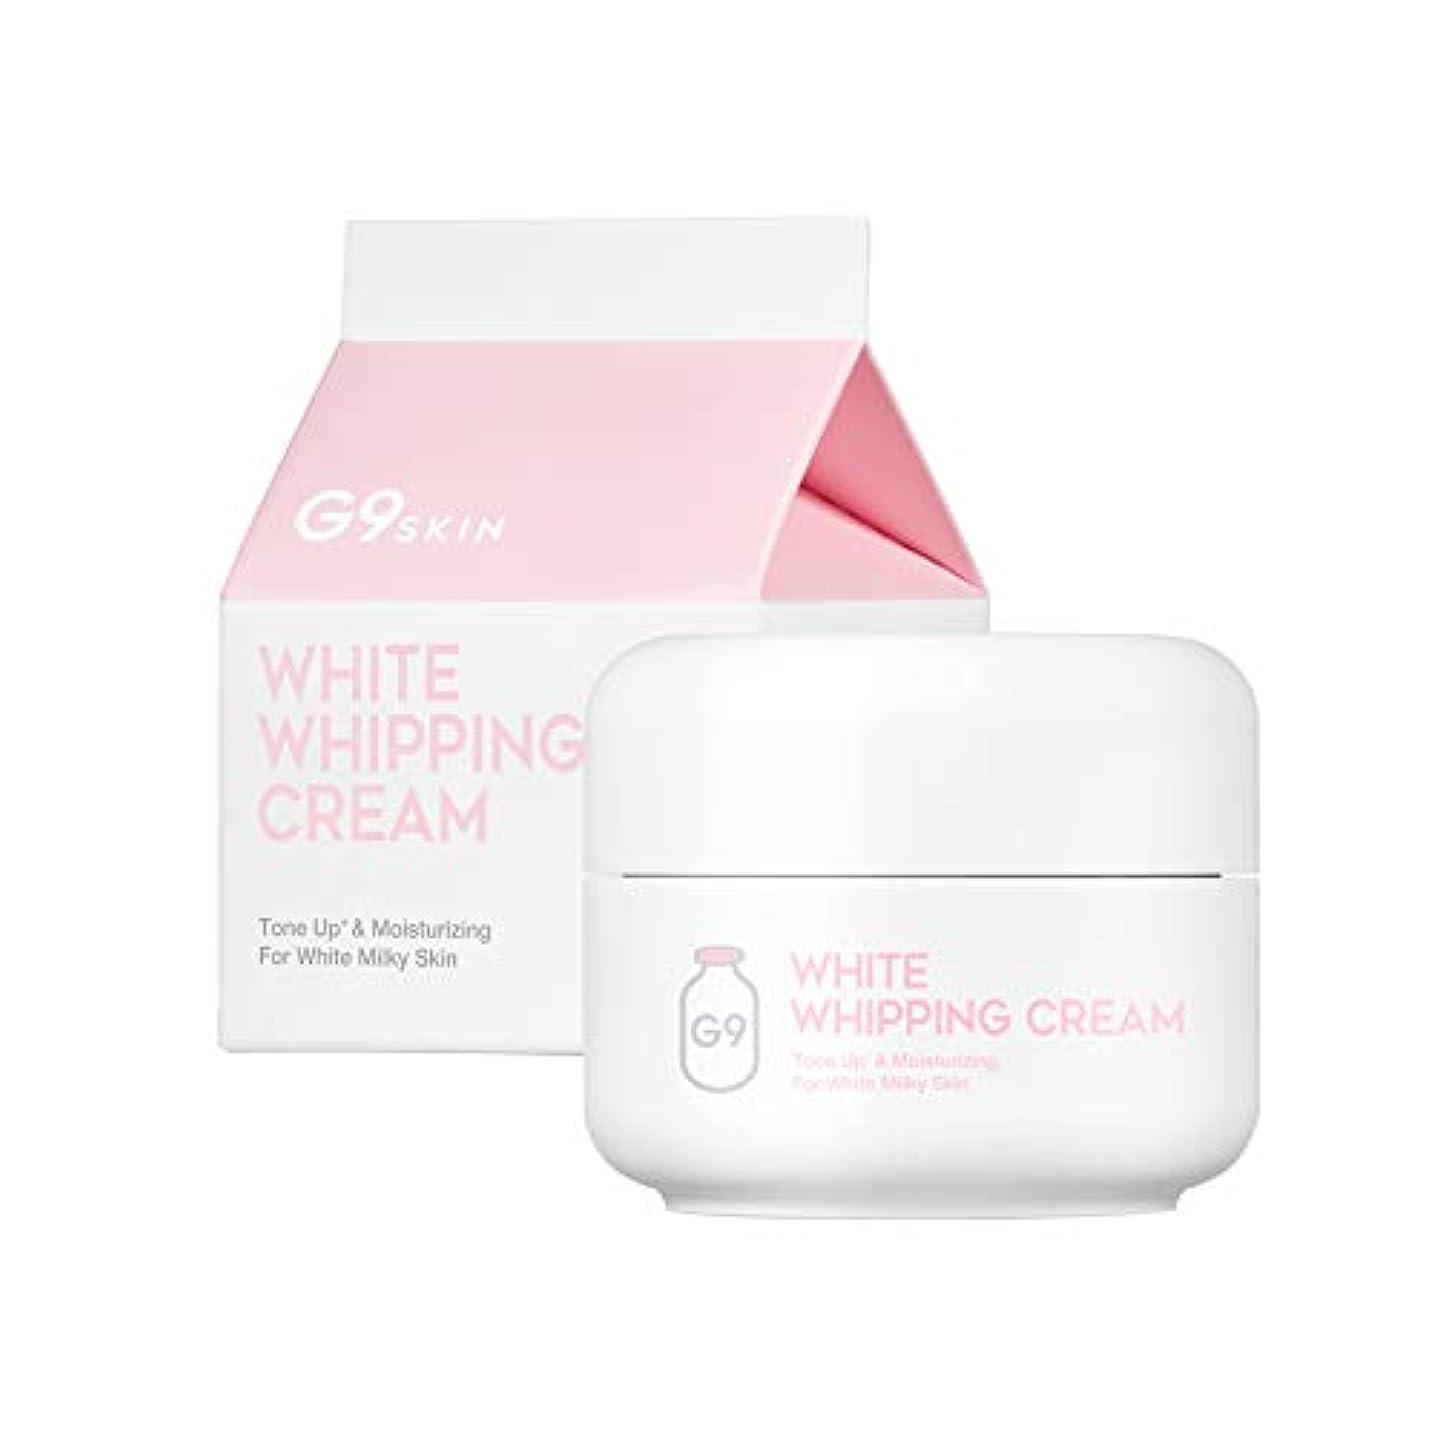 歩き回るありふれたビーズ[ジナインスキン] G9SKIN ジーナイン スキン ホワイト フイッピング クリーム (G9 Skin White Whipping Cream) [海外直送品] [並行輸入品]